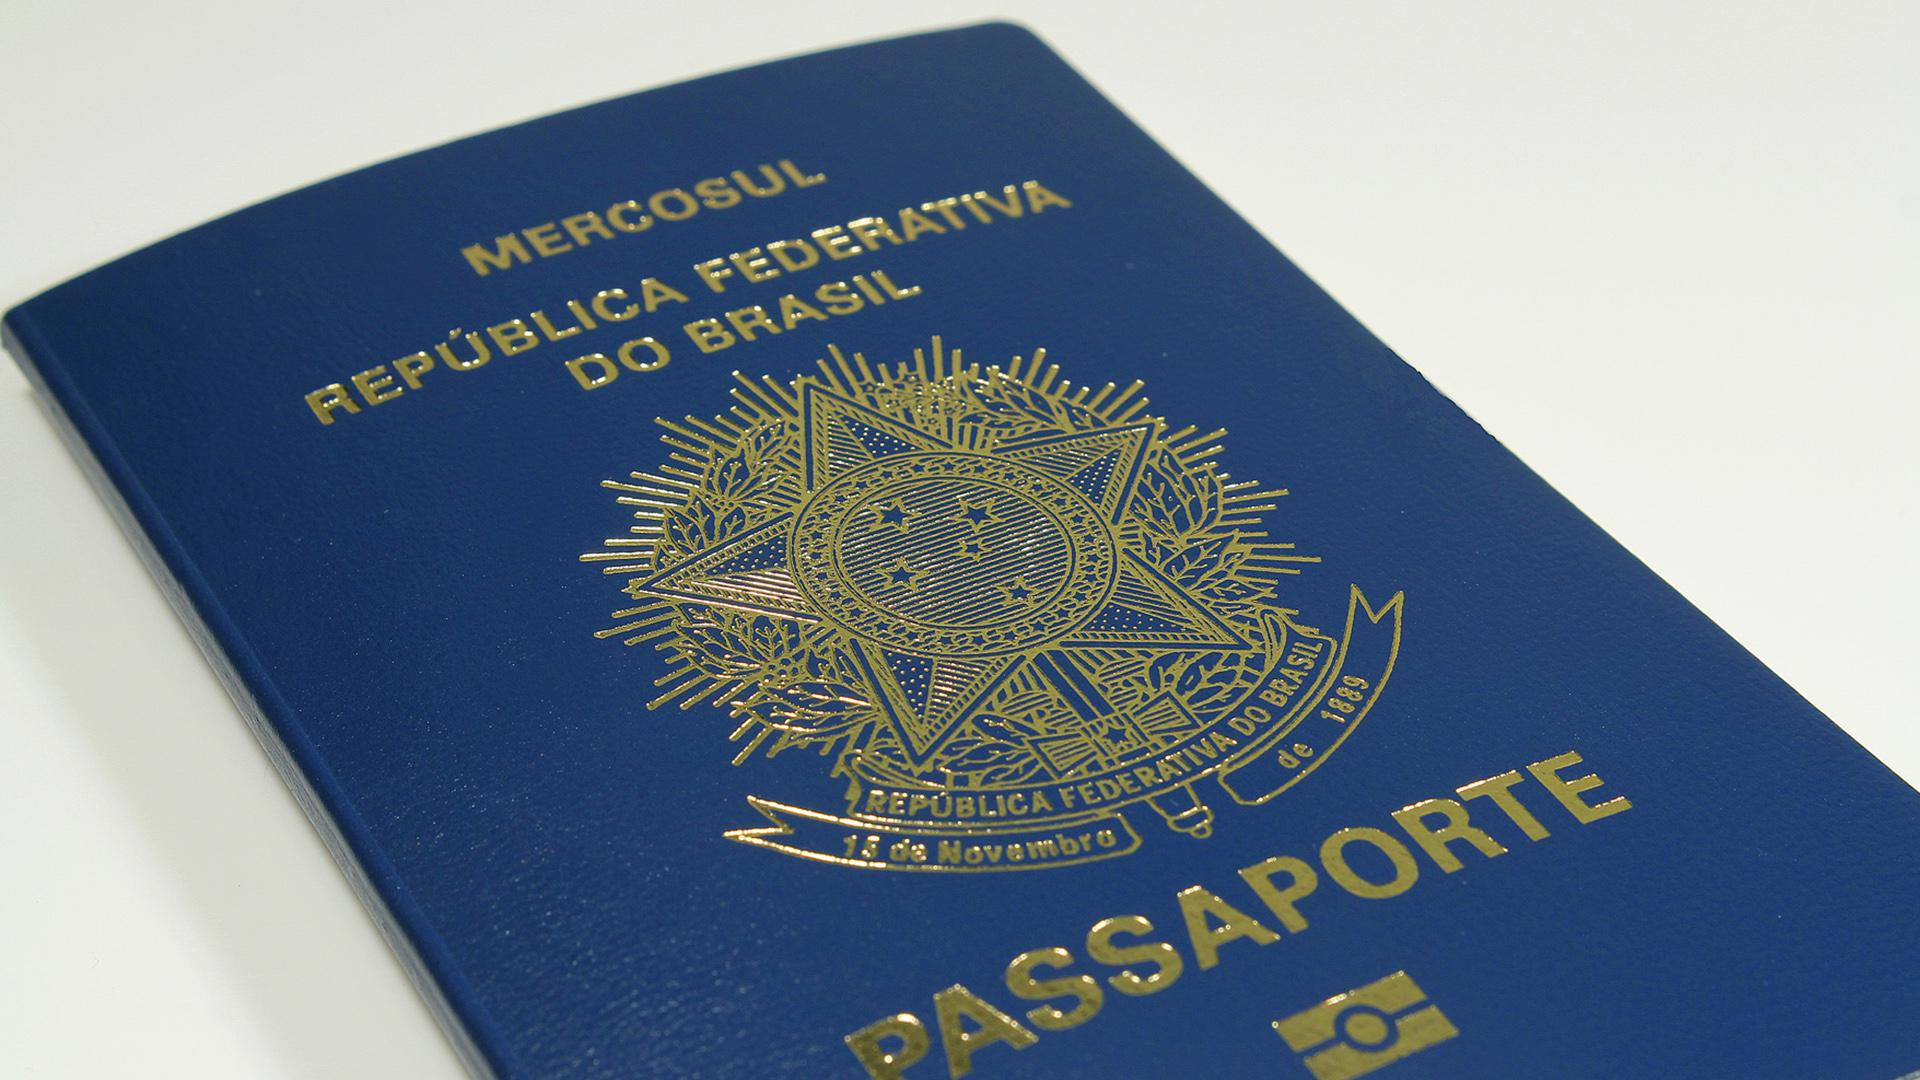 Passaporte é o principal documento para visto americano e somente com ele é possível dar entrada na solicitação de visto.